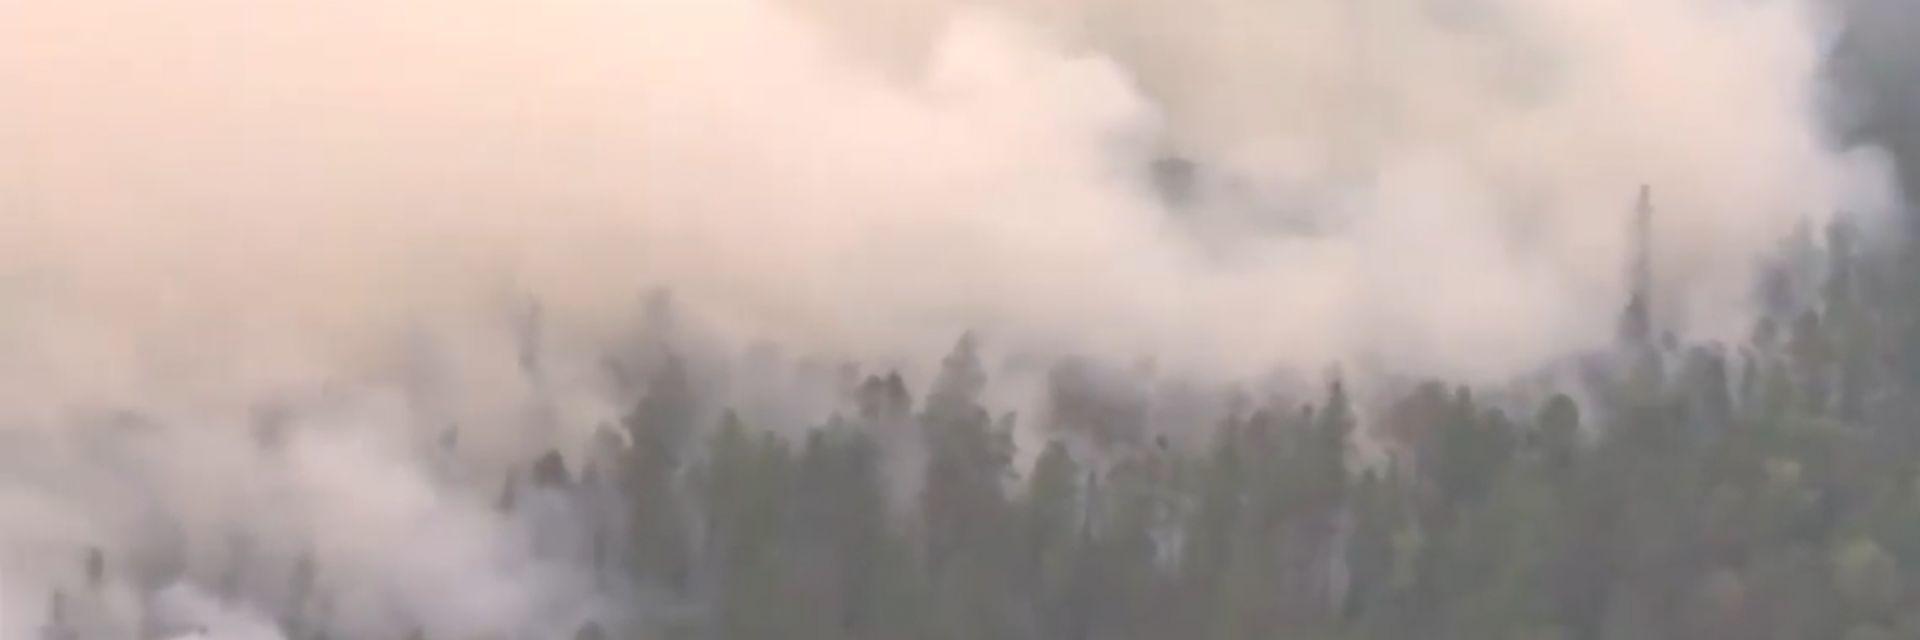 Димът от сибирските пожари вече покрива площ, по-голяма от Европа (видео)